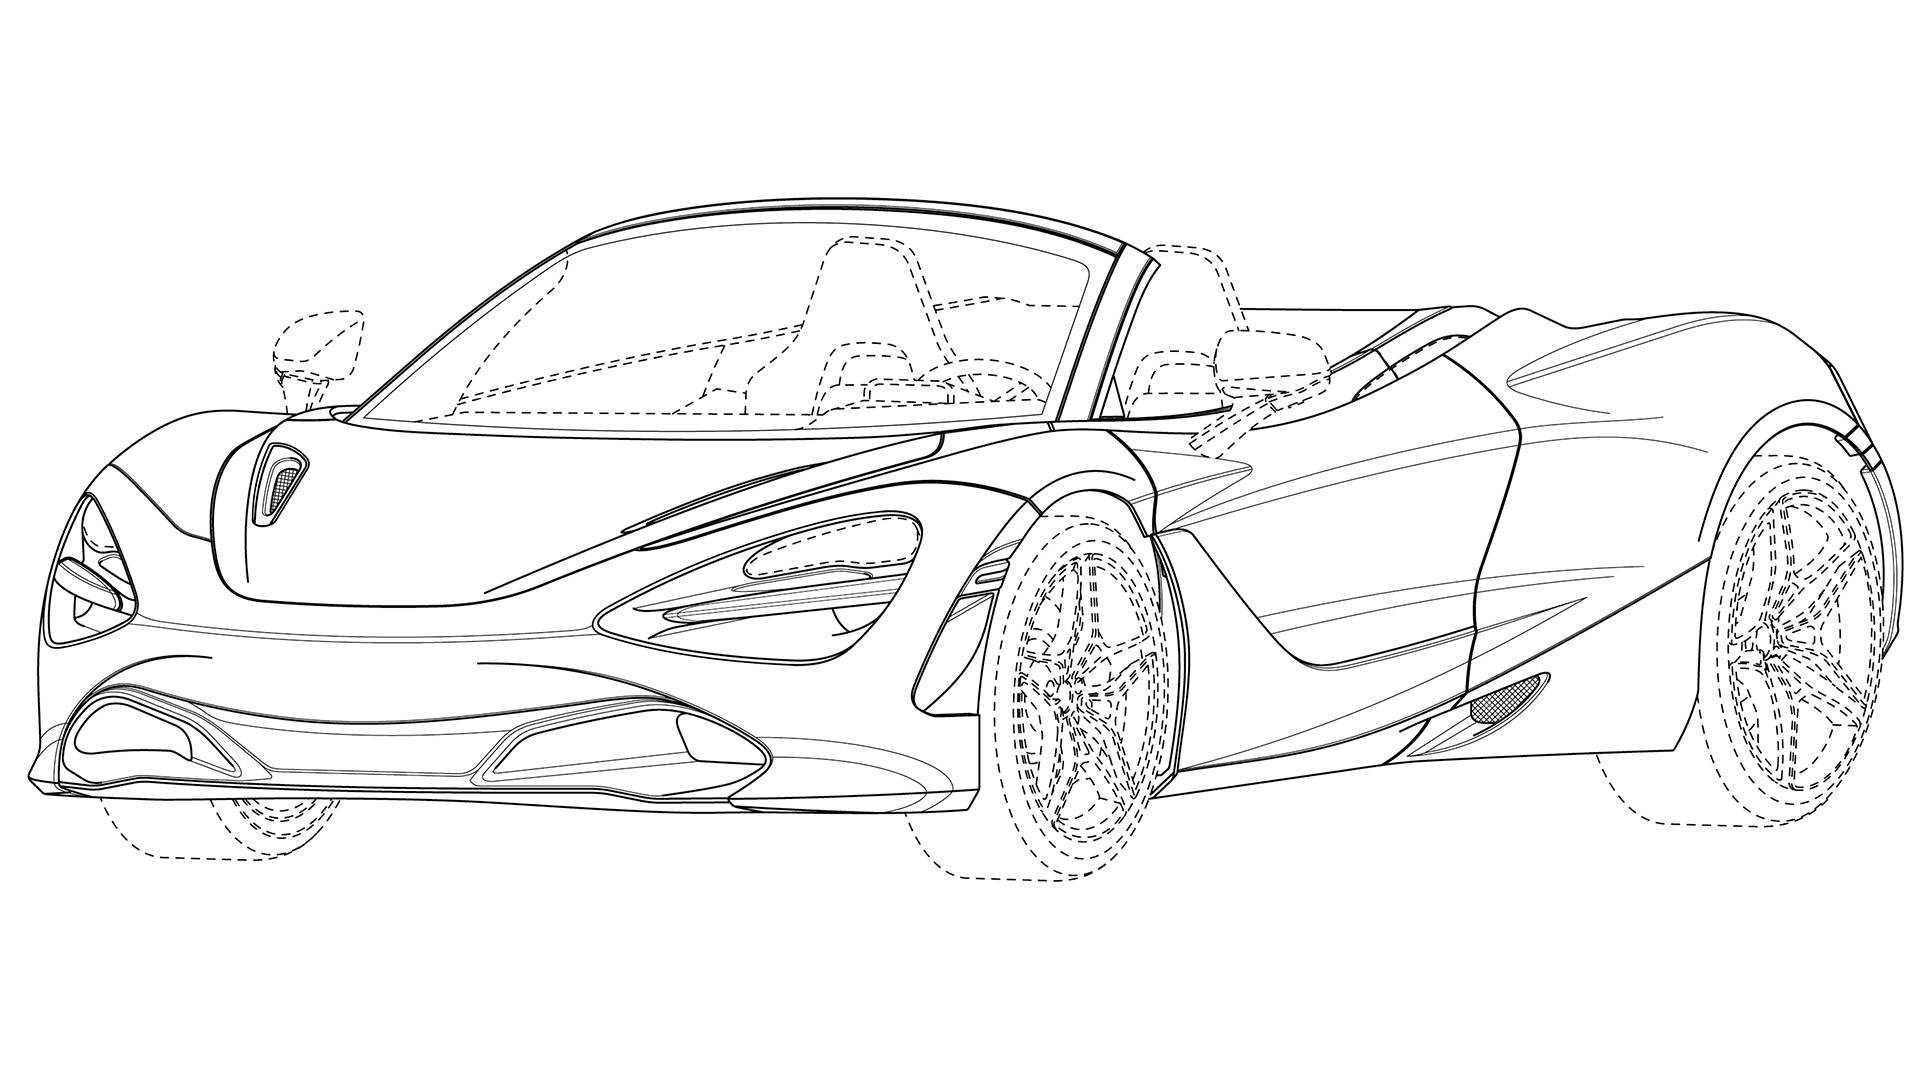 mclaren-720c-trademark-rendering